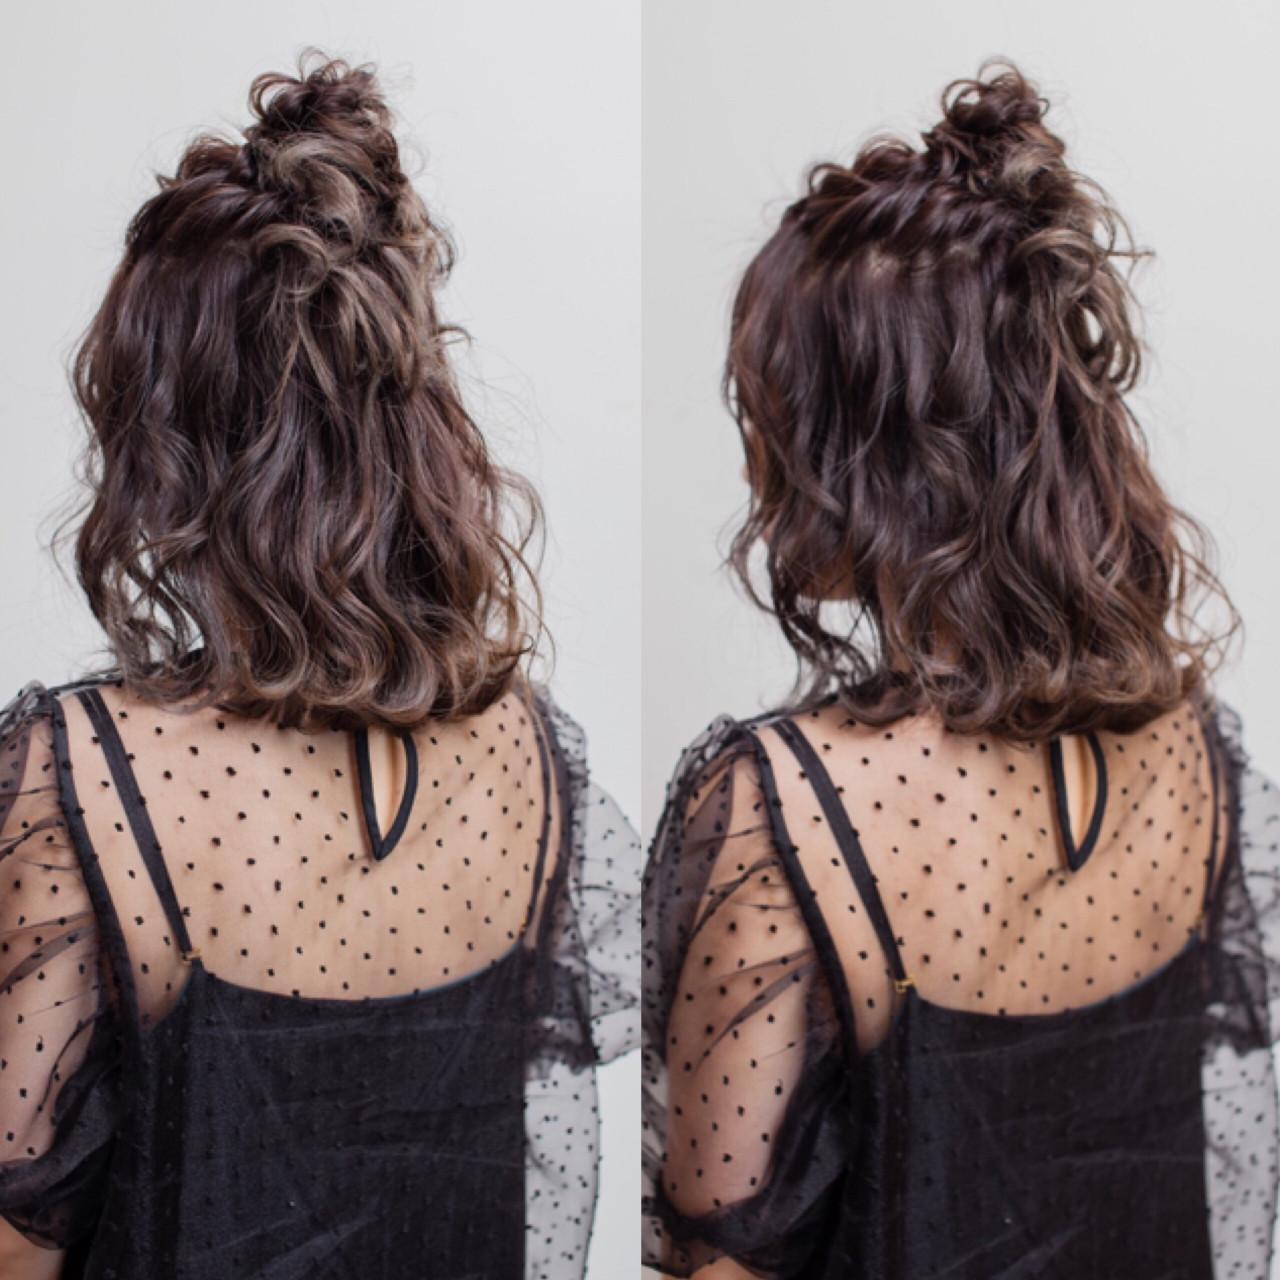 フェミニン お団子 ミディアム ヘアアレンジ ヘアスタイルや髪型の写真・画像 | 宮本 英里香 /